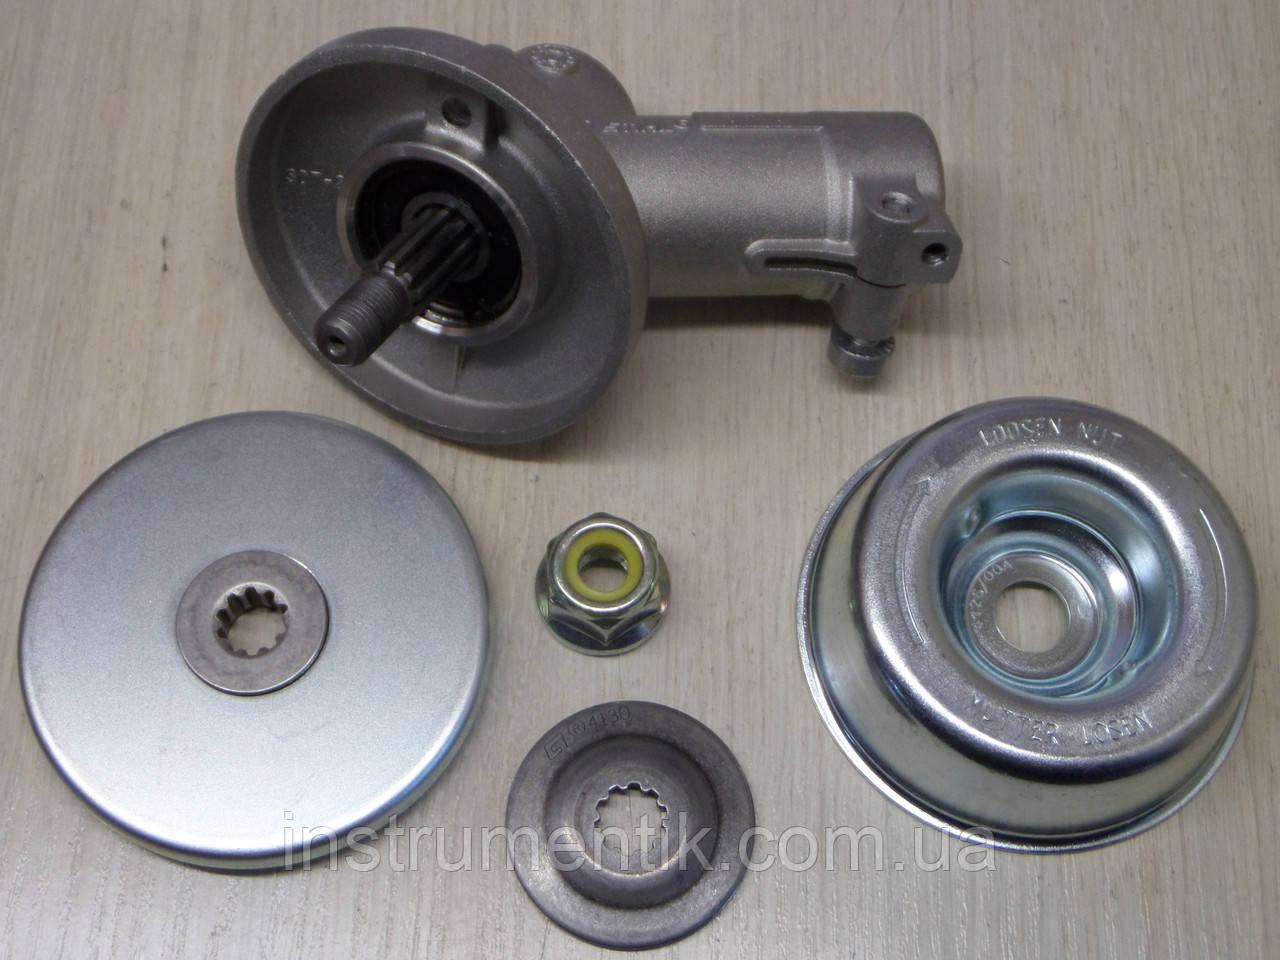 Редуктор нижній для мотокоси Stihl FS 56, FS 56 С, FS 56 R, FS 56 RC